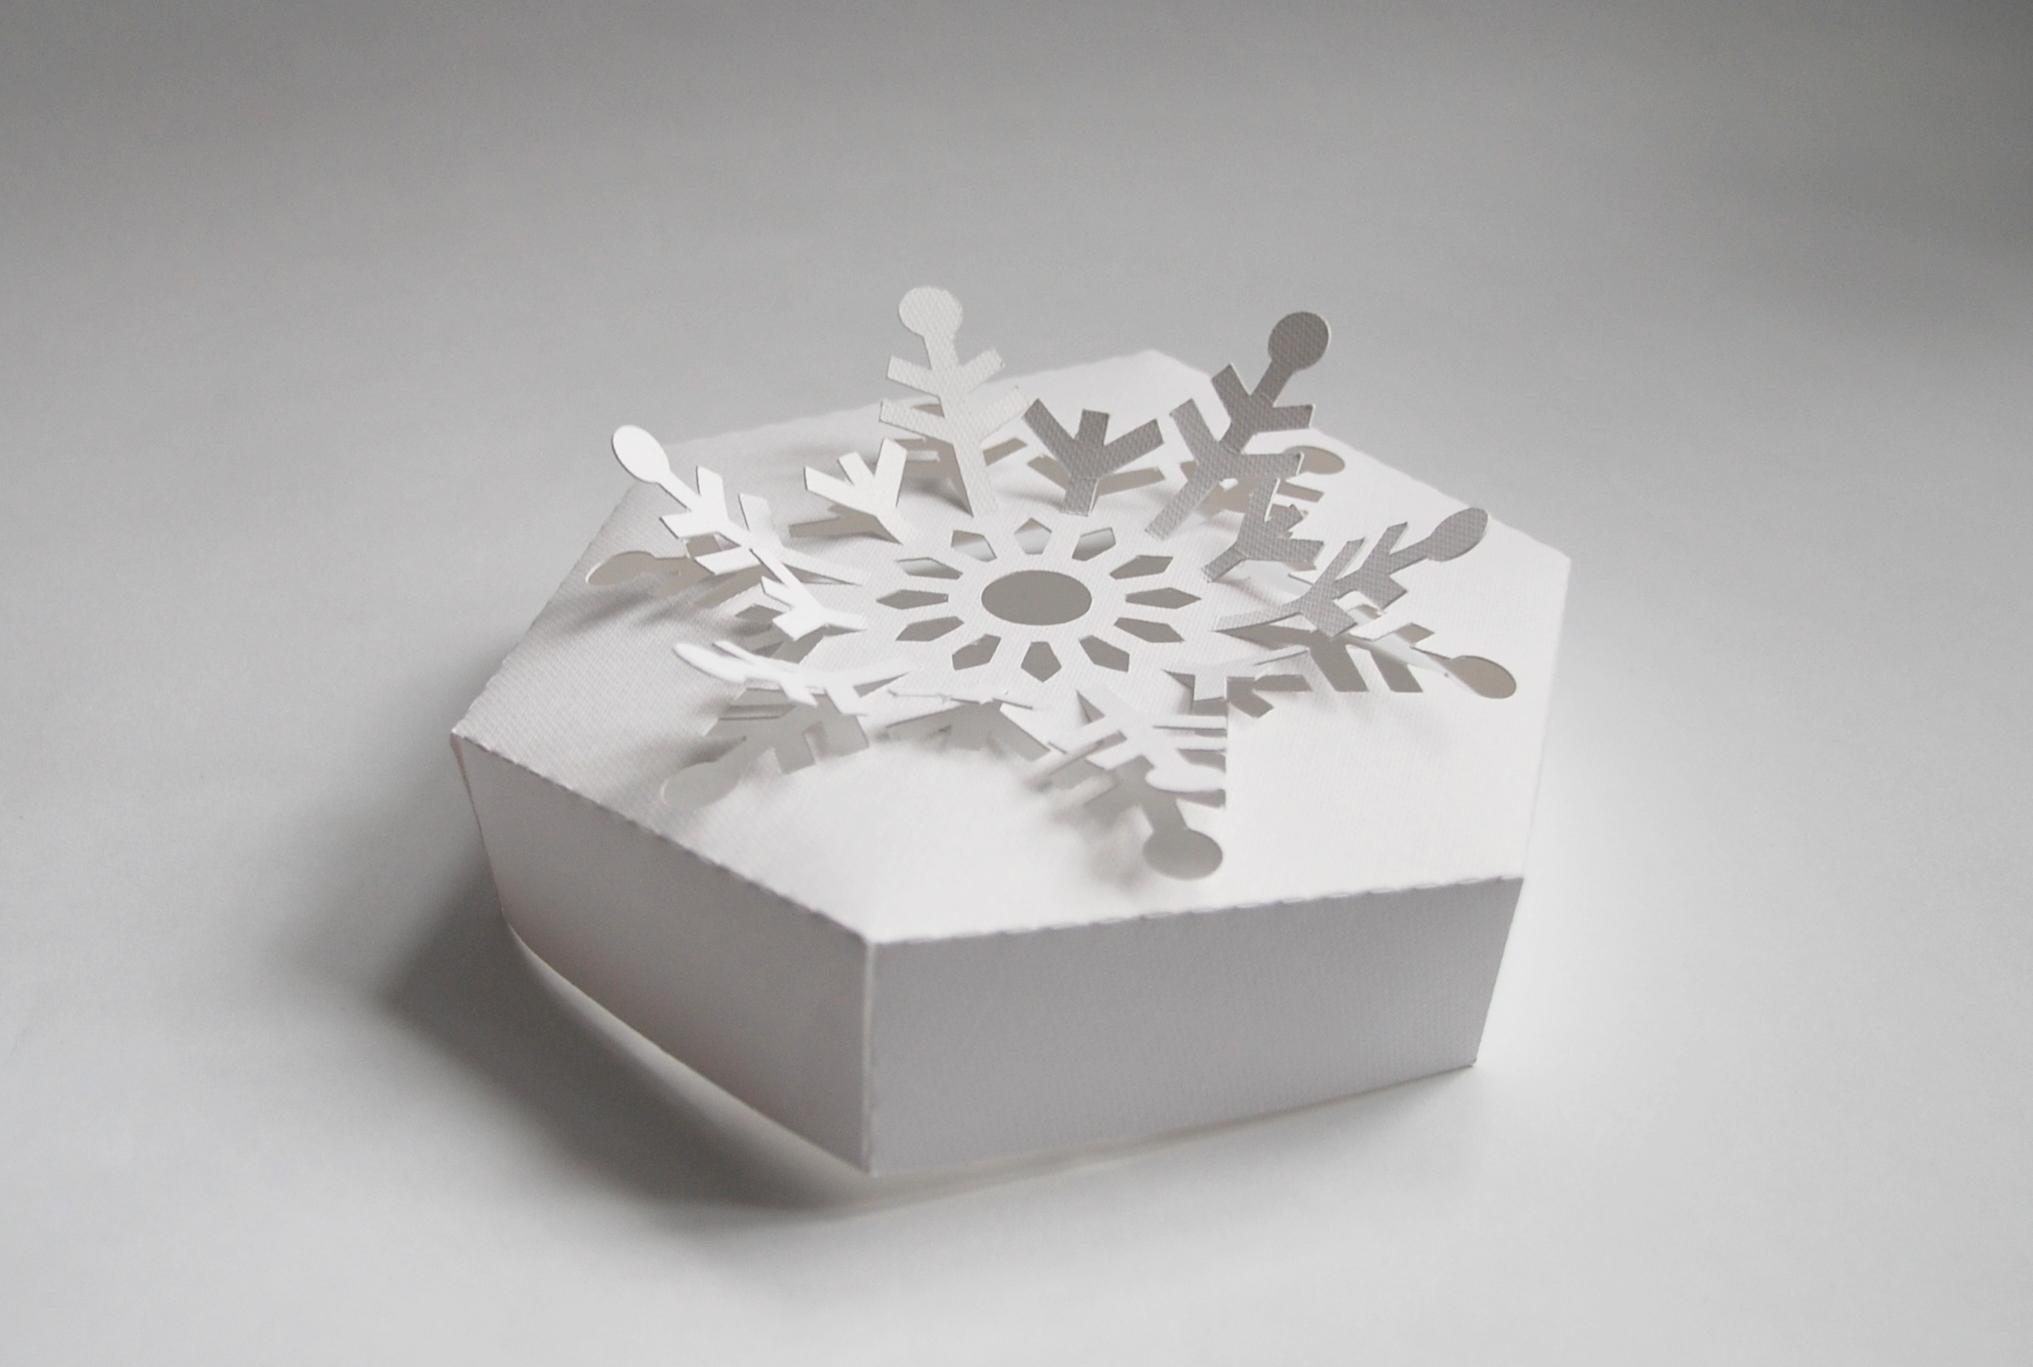 Jak zrobić pudełko na prezent świąteczny?